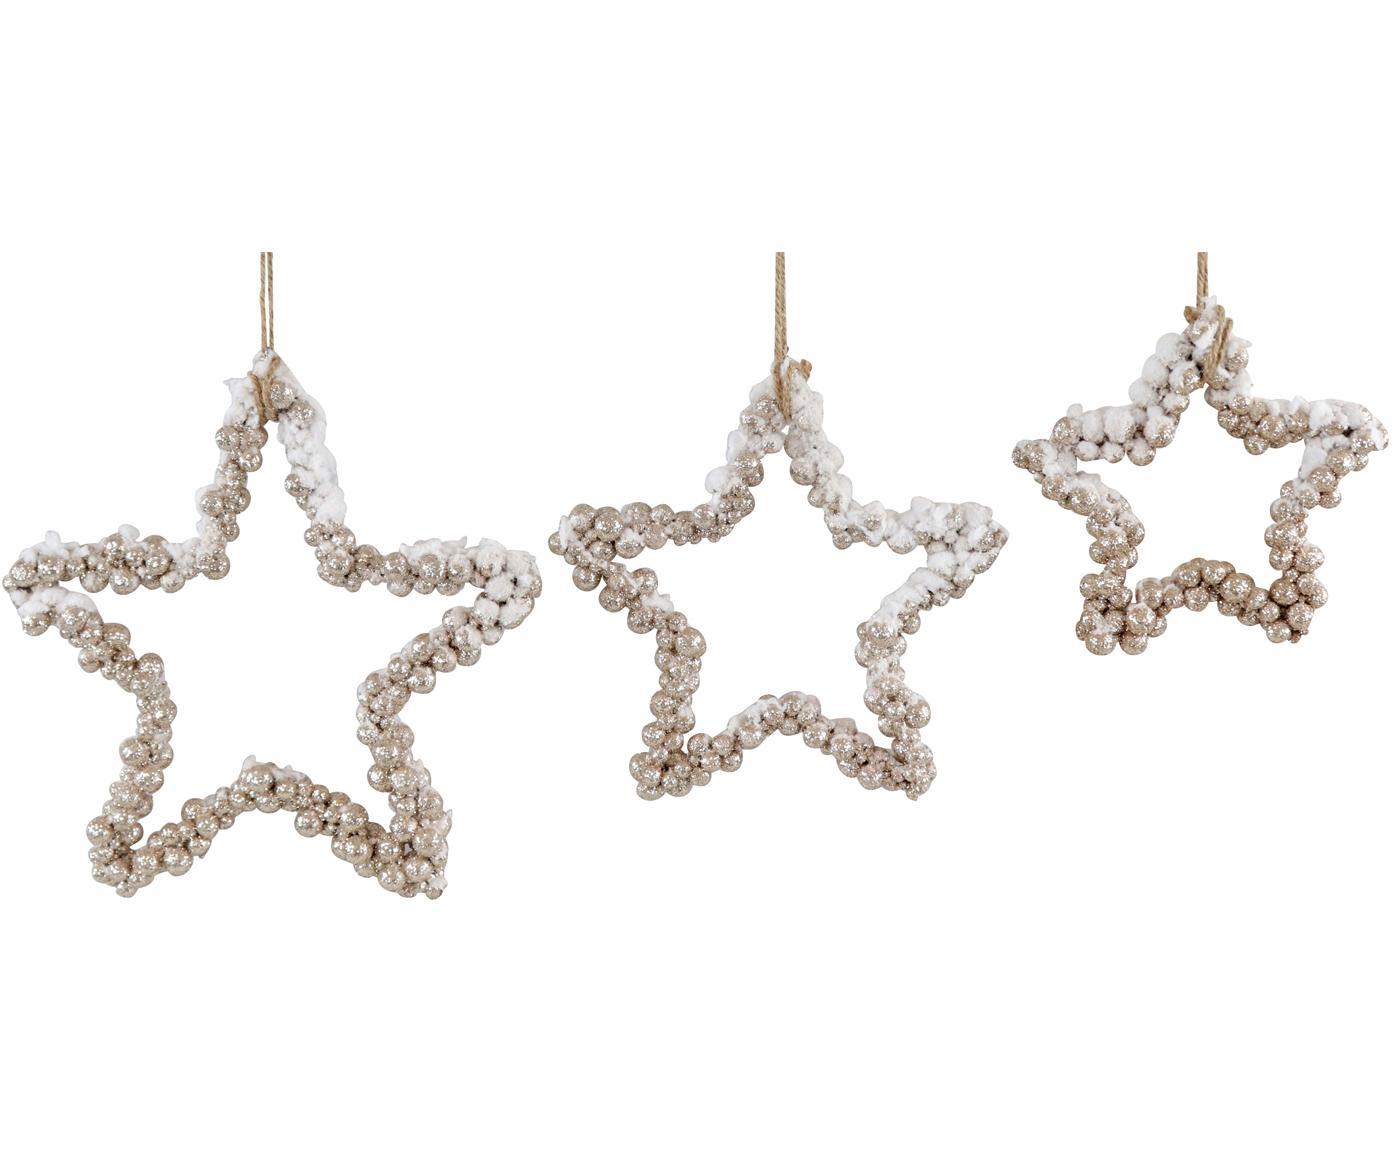 Decoratieve hangersset Snowy, 3-delig, Polystyreen, kunststof, metaal, hout, Goudkleurig, Verschillende formaten